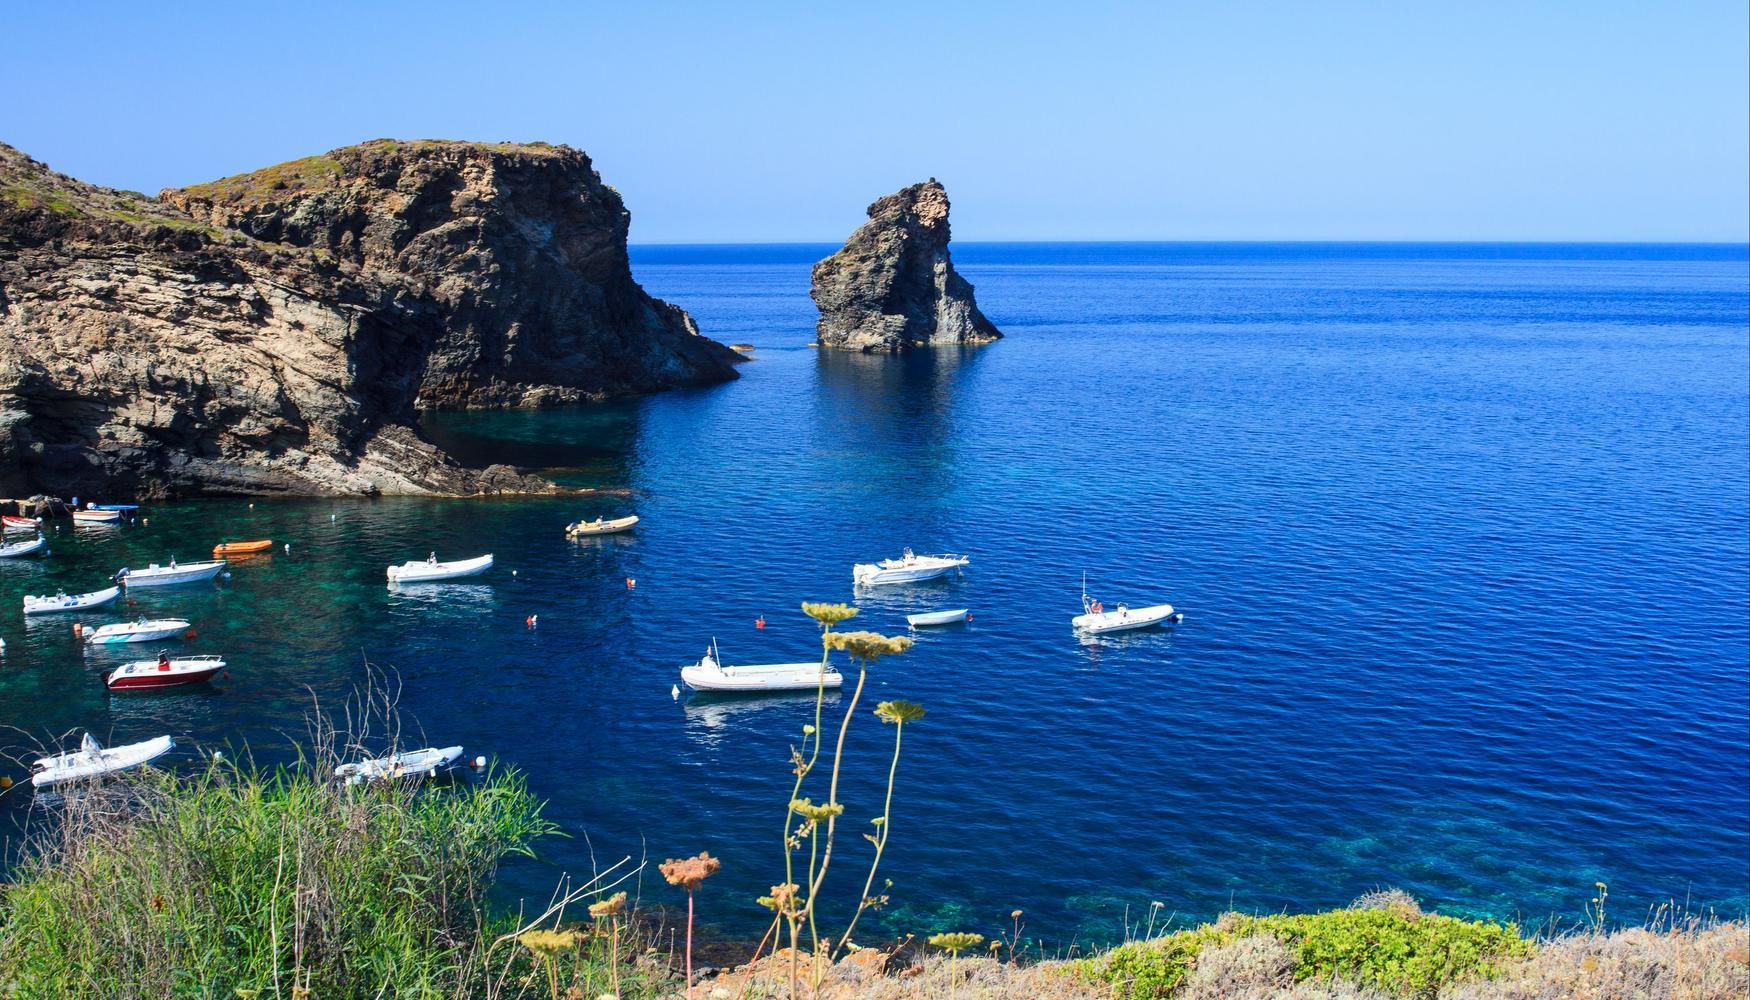 Car rental at Pantelleria Airport